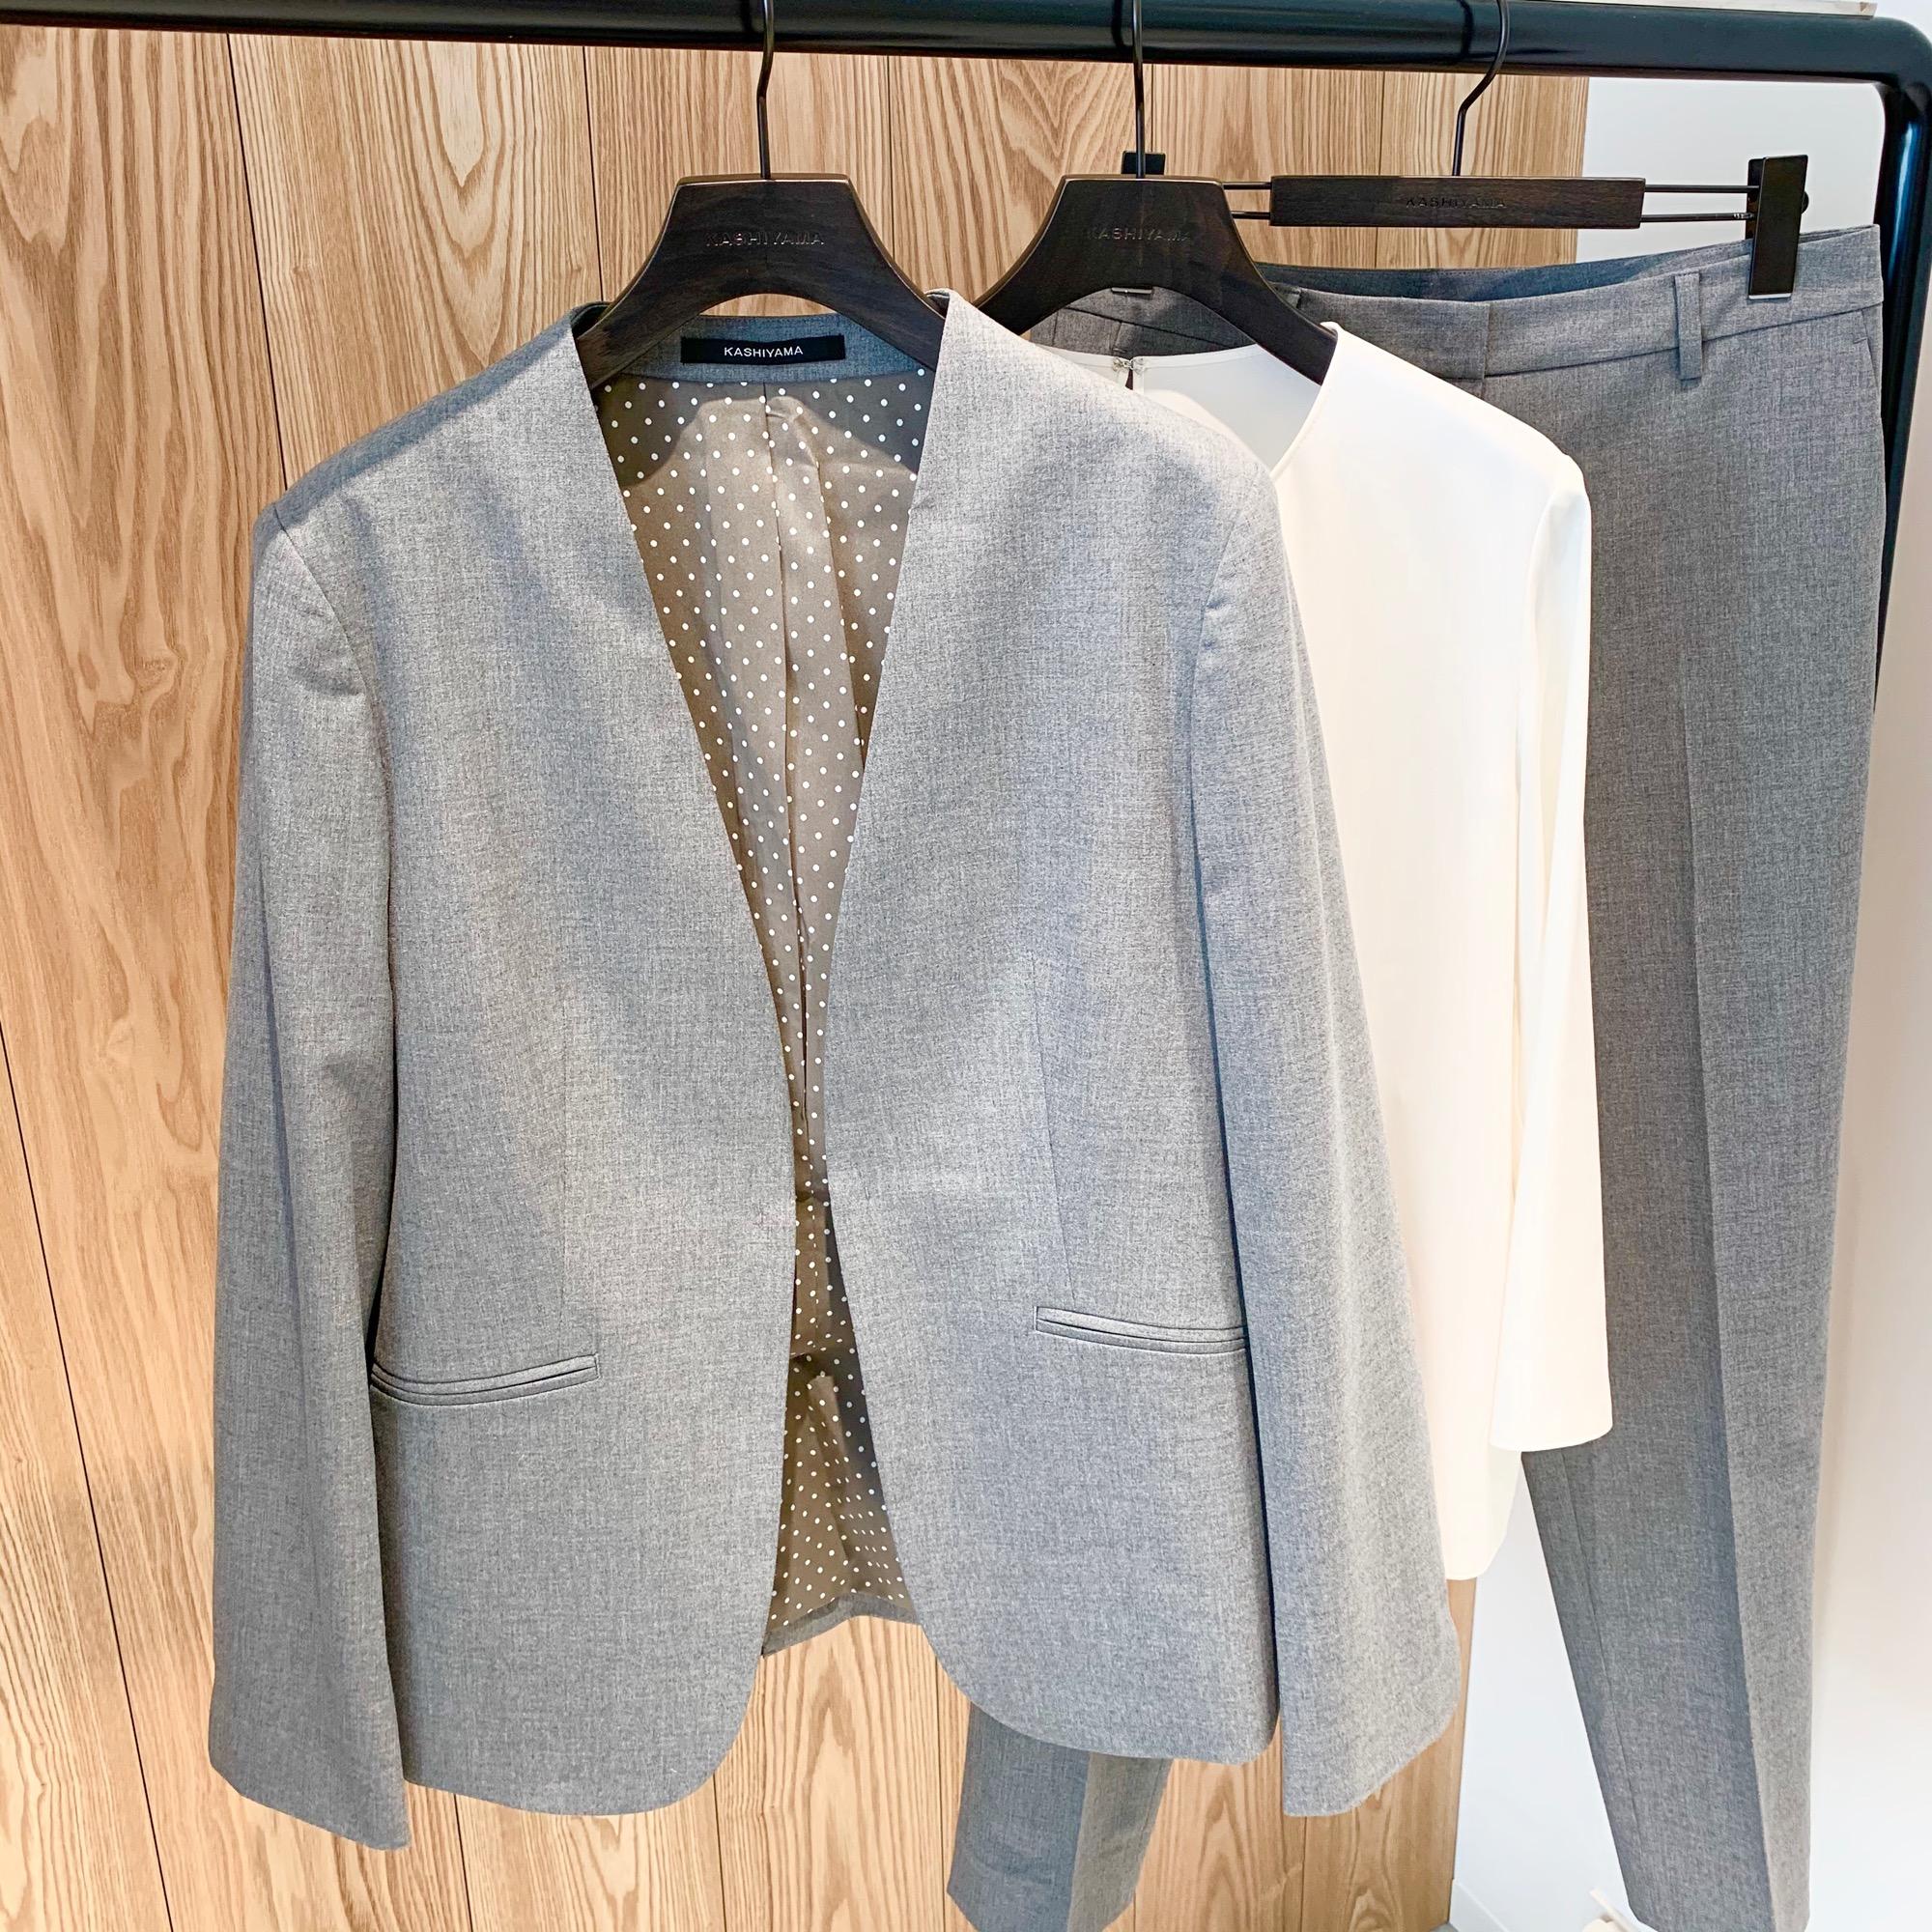 CMで話題沸騰中❤️《そのスーツ、どこの?》【KASHIYAMA the Smart Tailor】でオーダーメイドスーツ&シューズを作りました☻_1